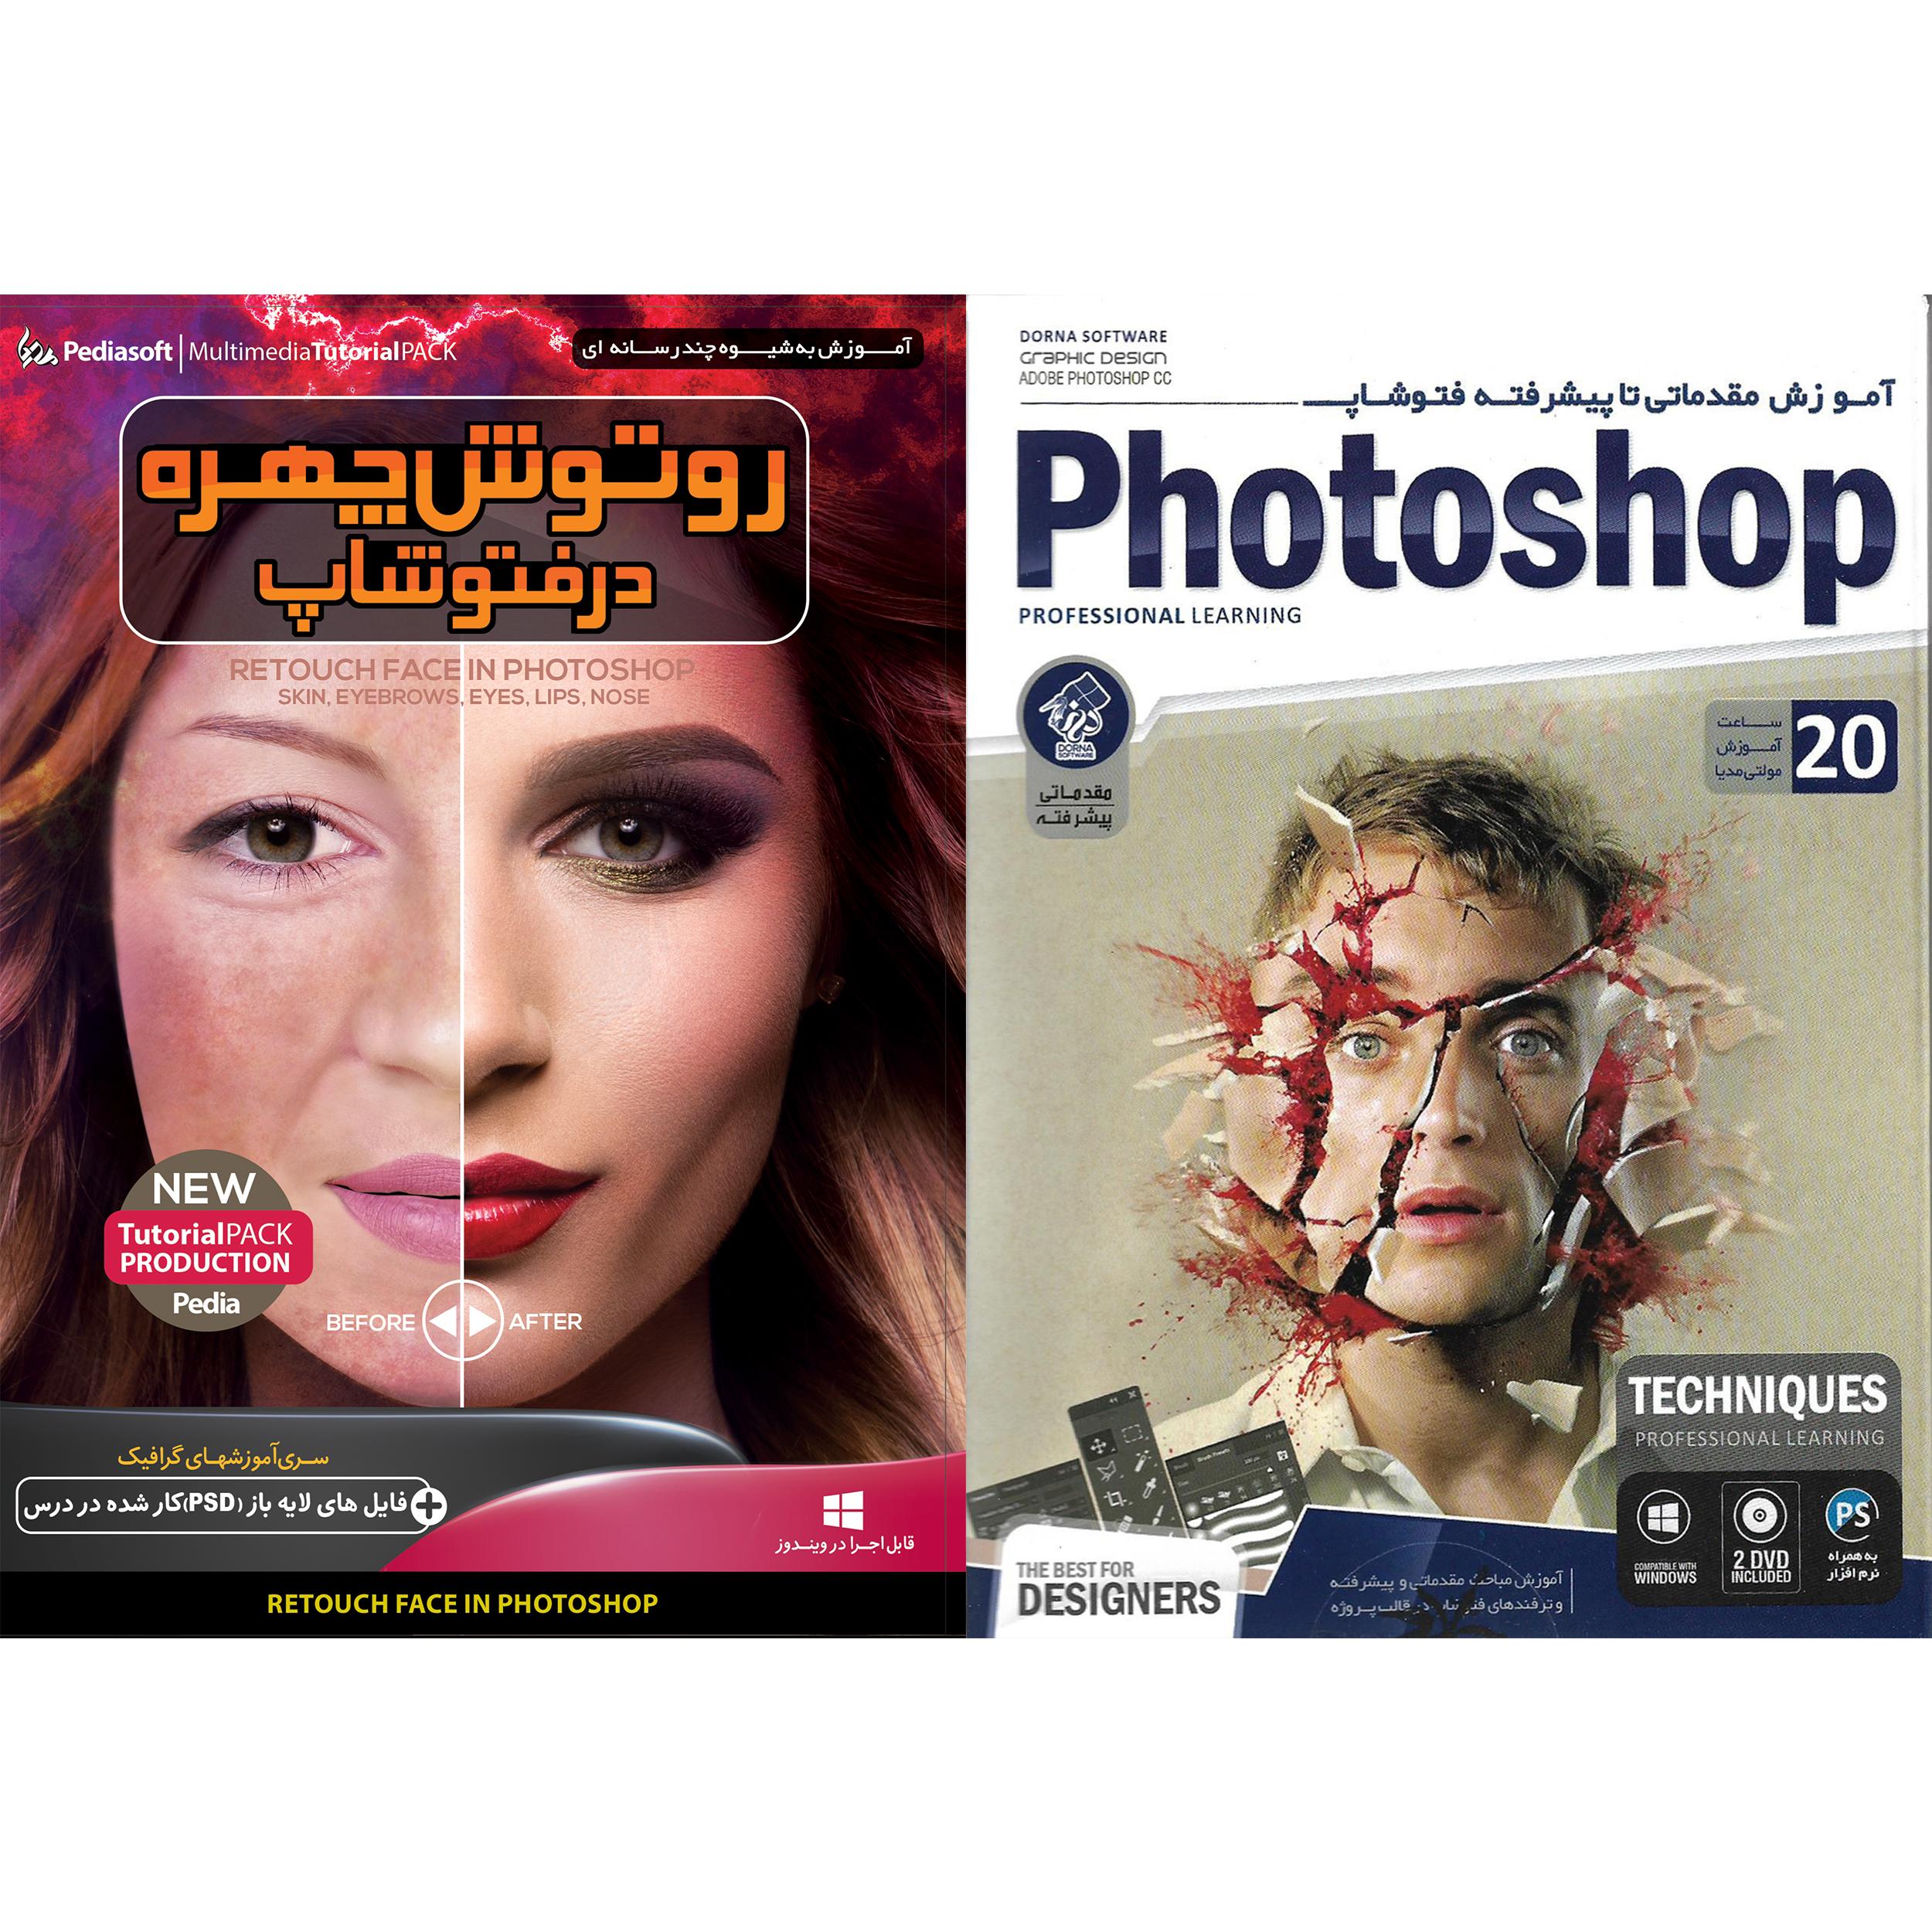 نرم افزار آموزشی PHOTOSHOP نشر درنا به همراه نرم افزار آموزشی رتوش چهره در فتوشاپ نشر پدیا سافت